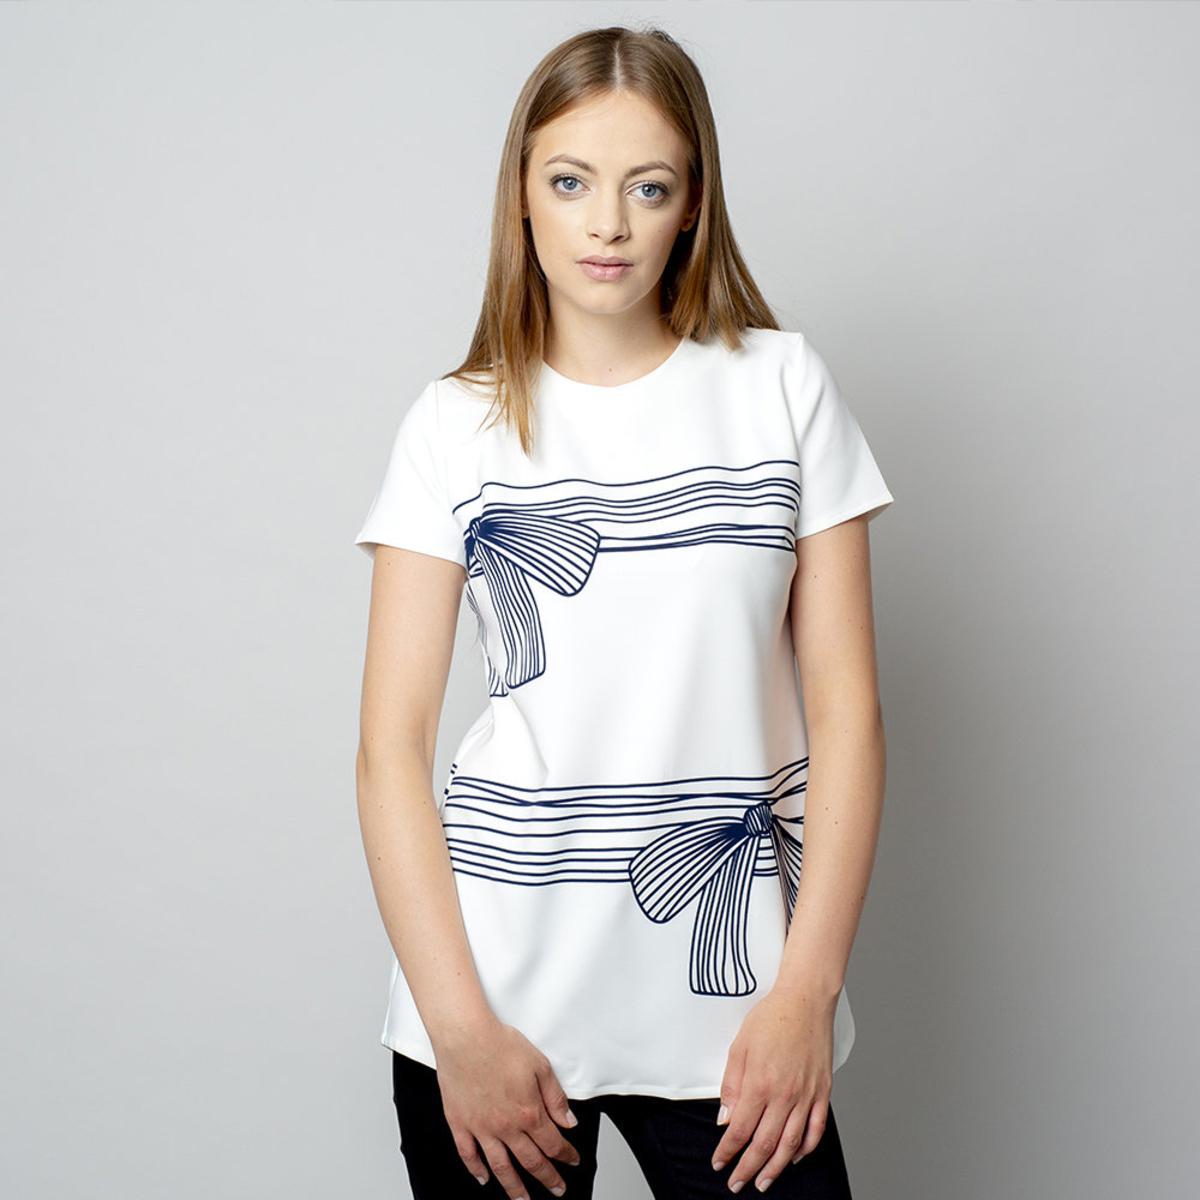 Dámske tričko s tmavo modrou potlačou 10906 36